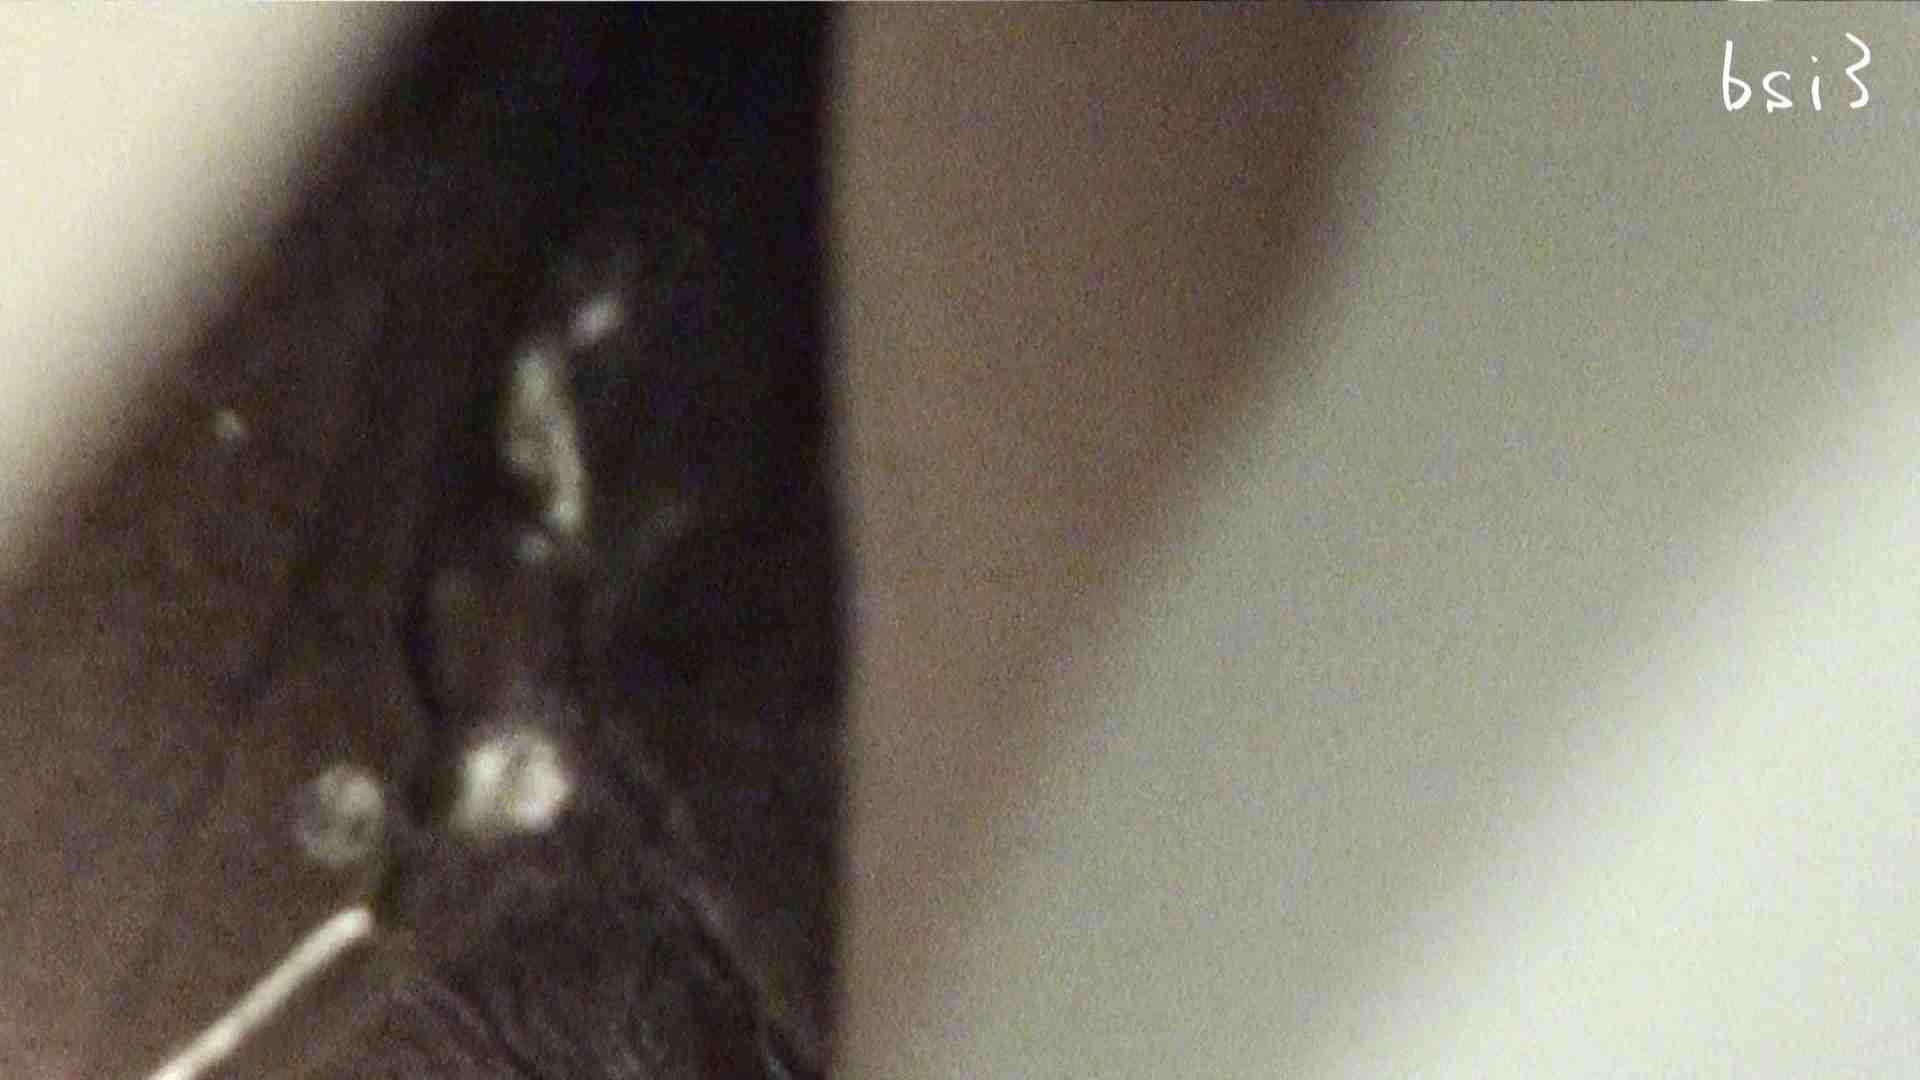 至高下半身盗撮-PREMIUM-【院内病棟編 】 vol.03 独占盗撮 | ナース編  98連発 17